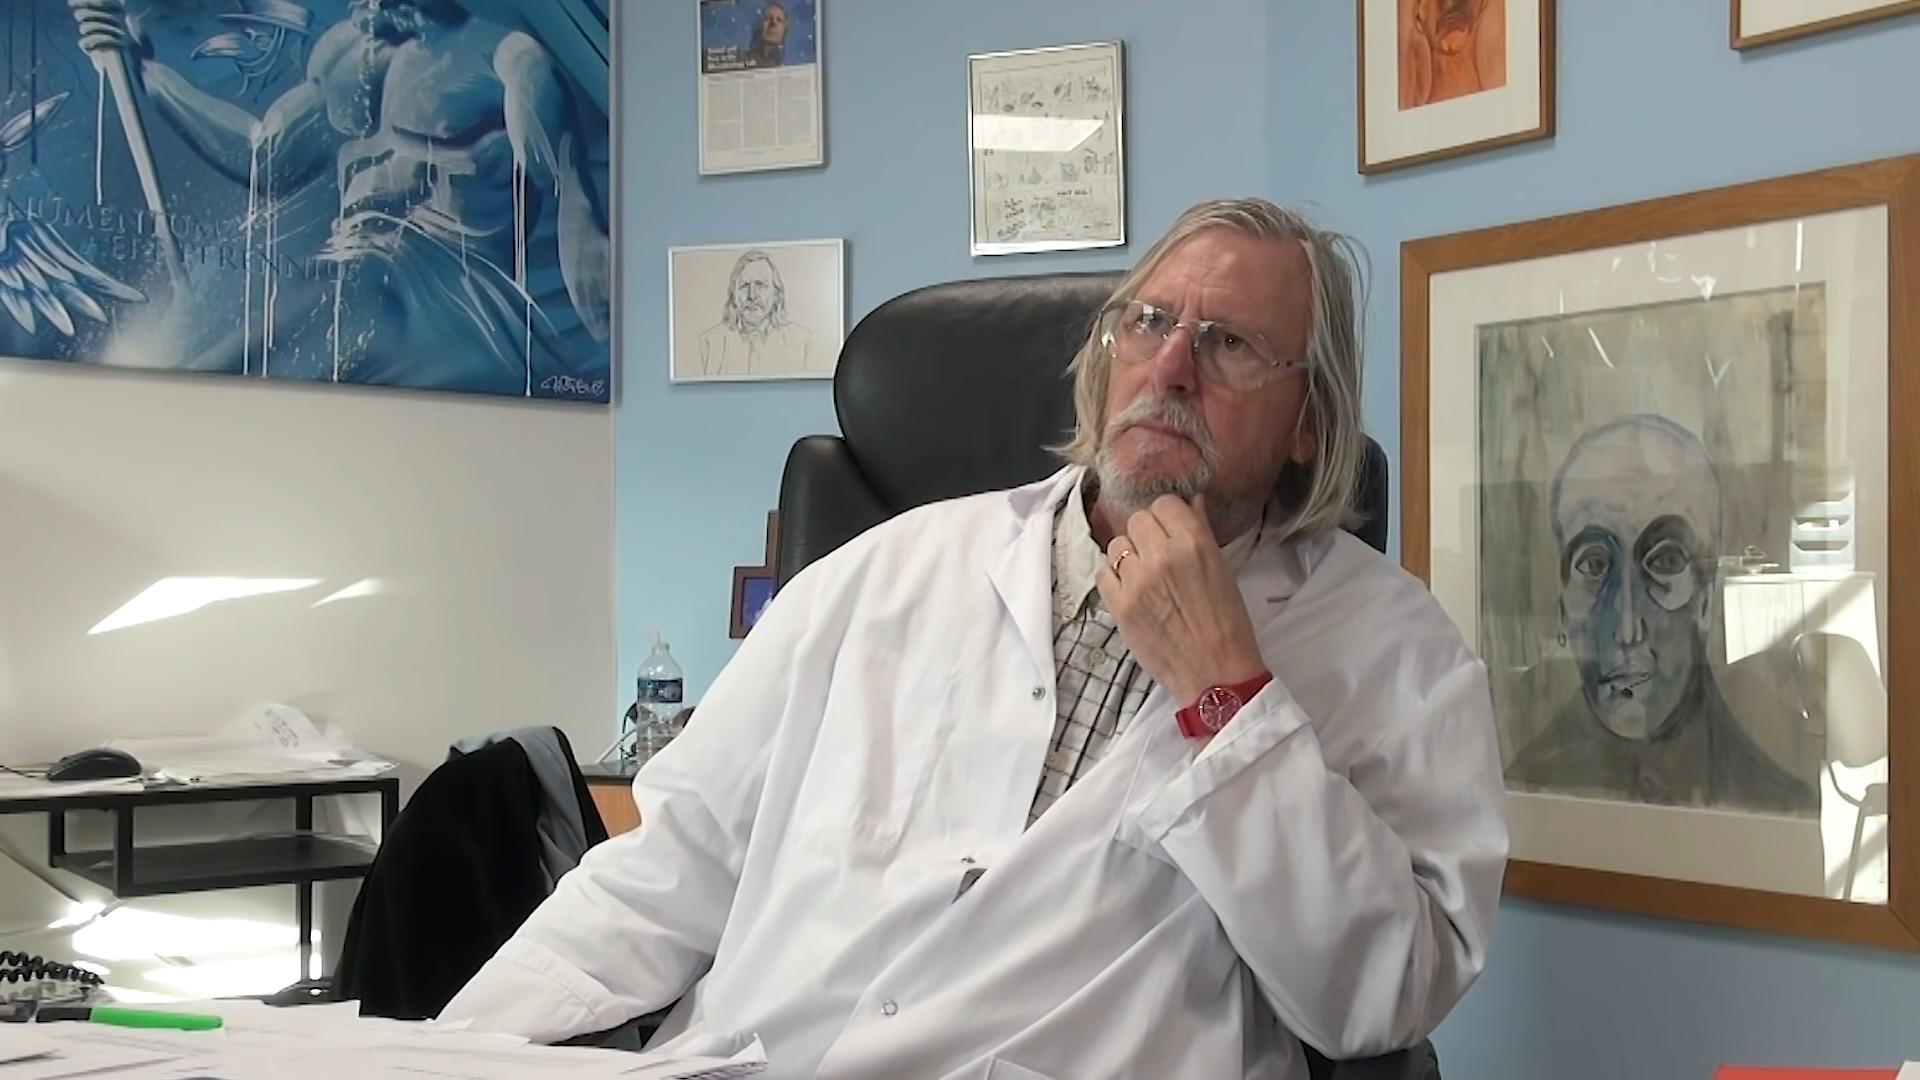 Covid-19: pourquoi l'Ordre des médecins porte plainte contre Didier Raoult et 5 autres docteurs